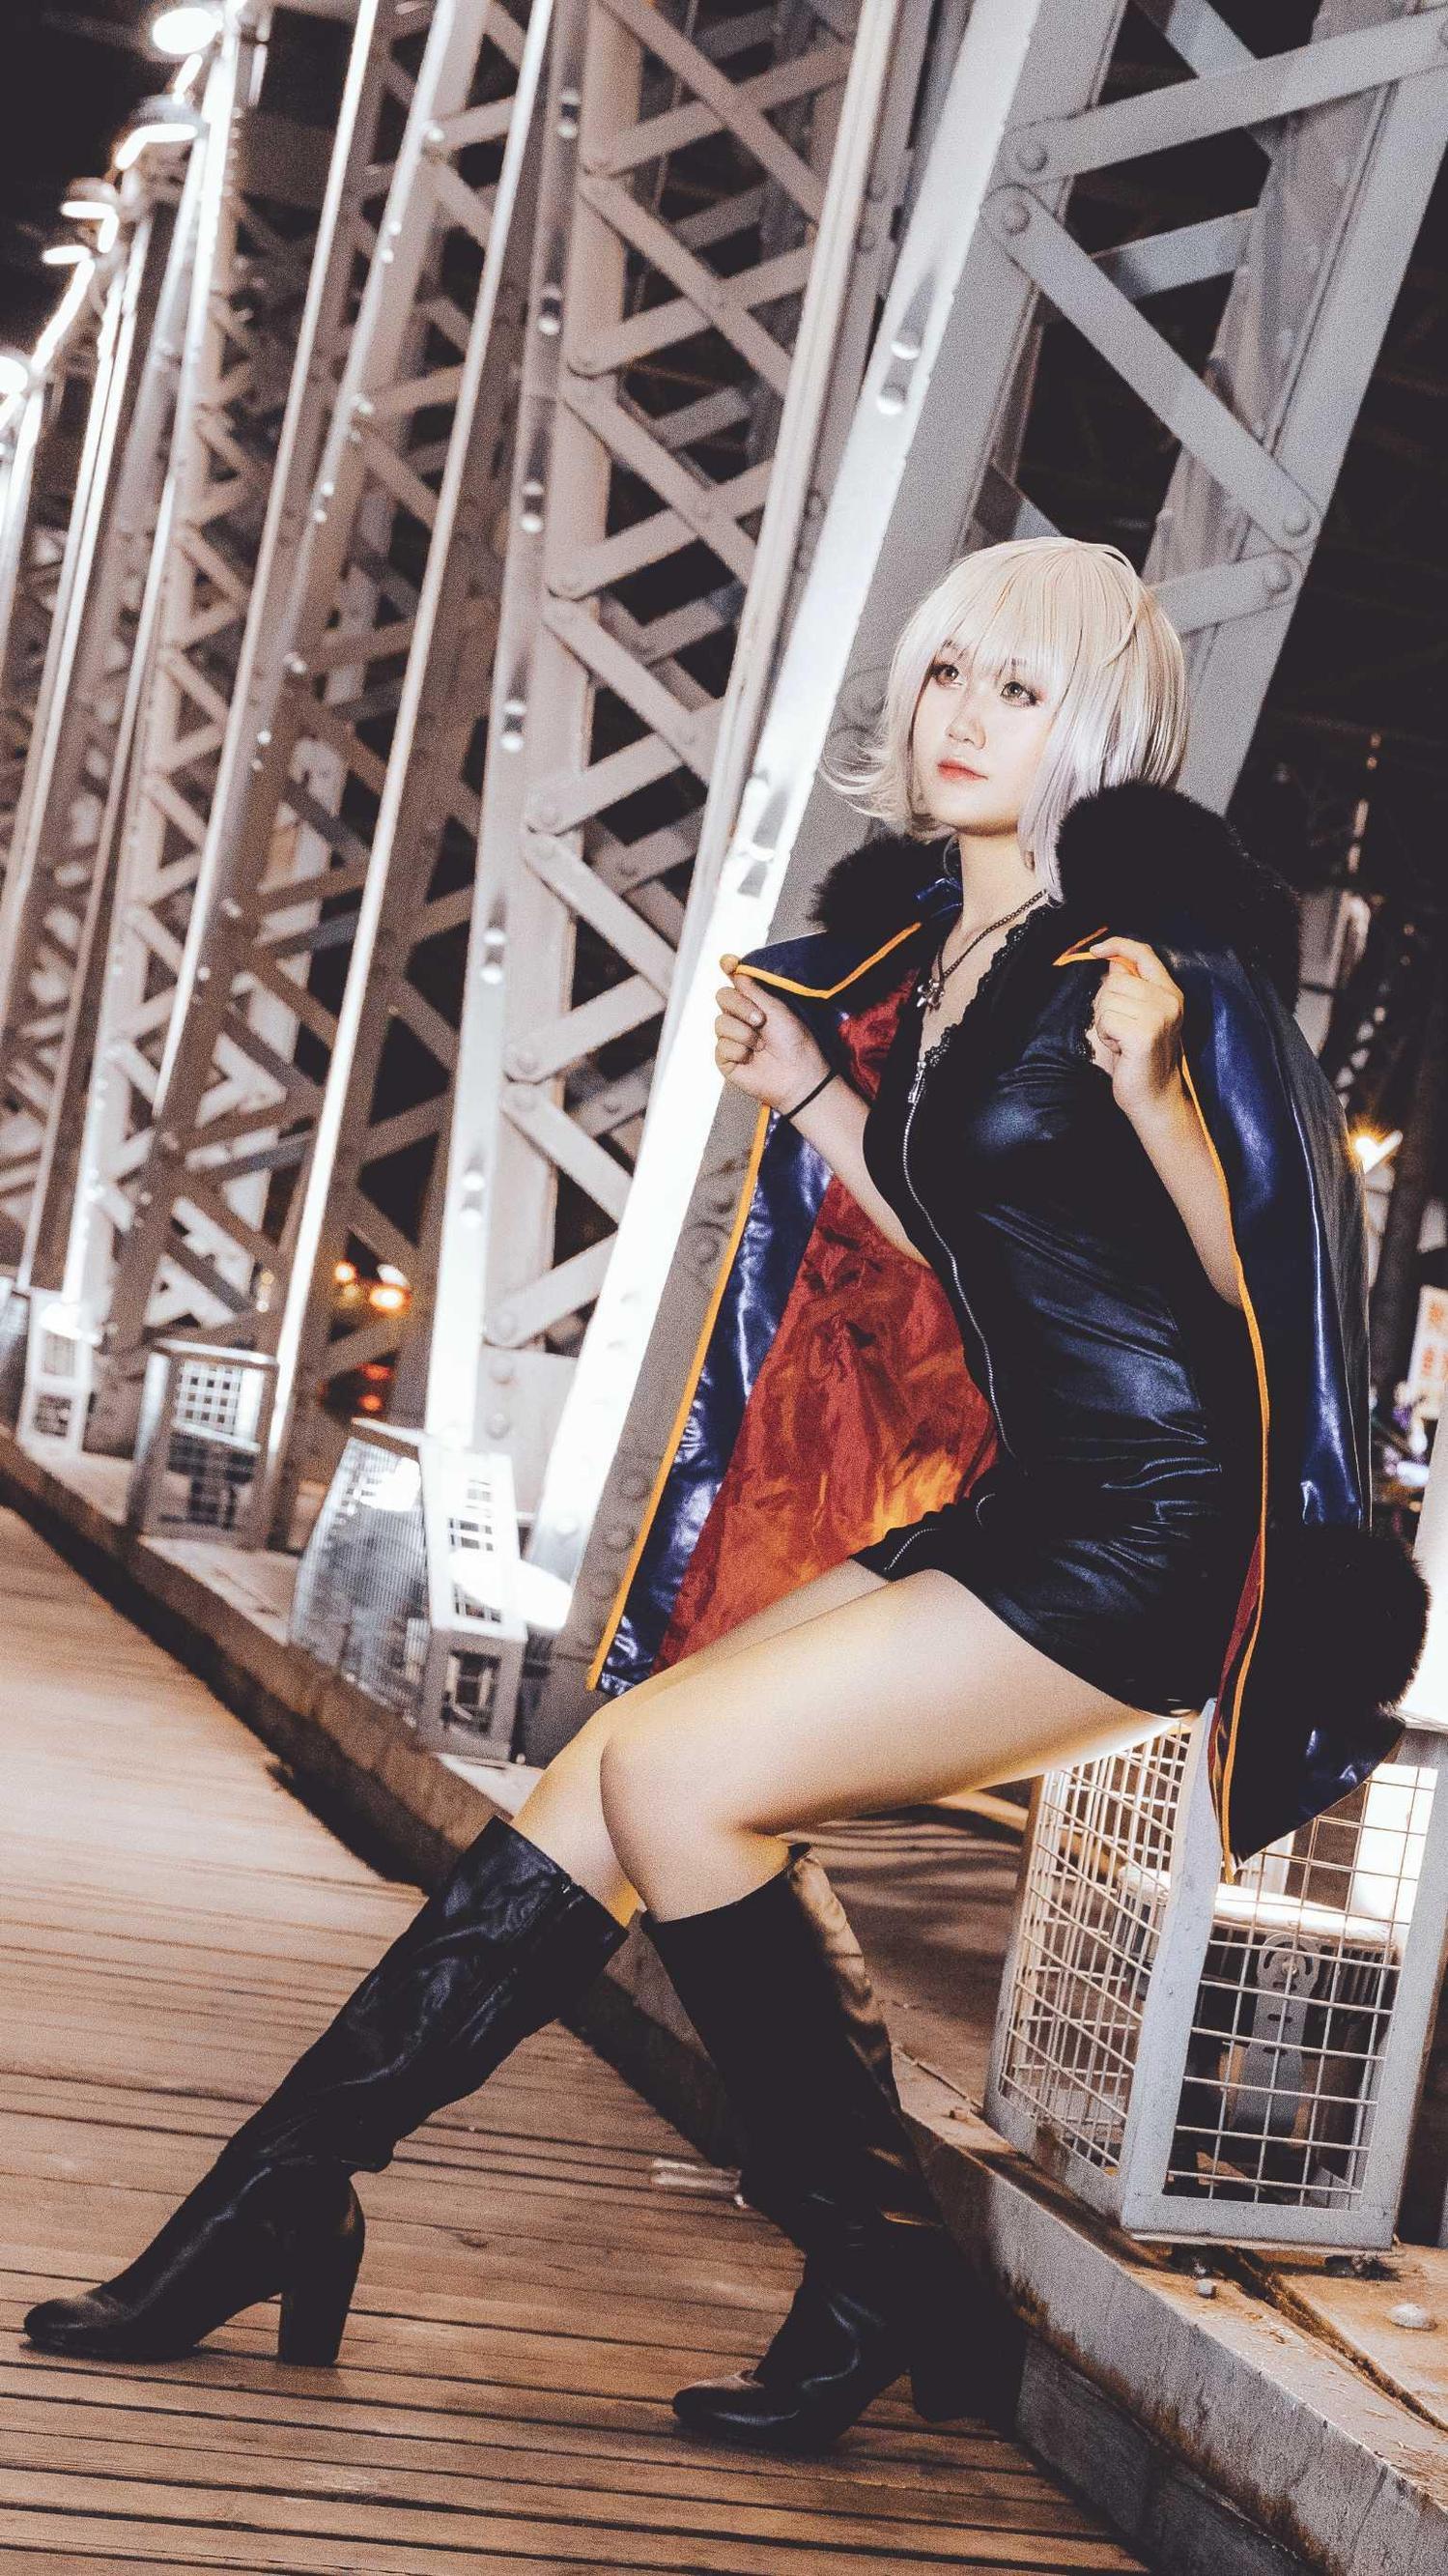 《FATE/STAY NIGHT》正片cosplay【CN:姚子雪曲】-第5张